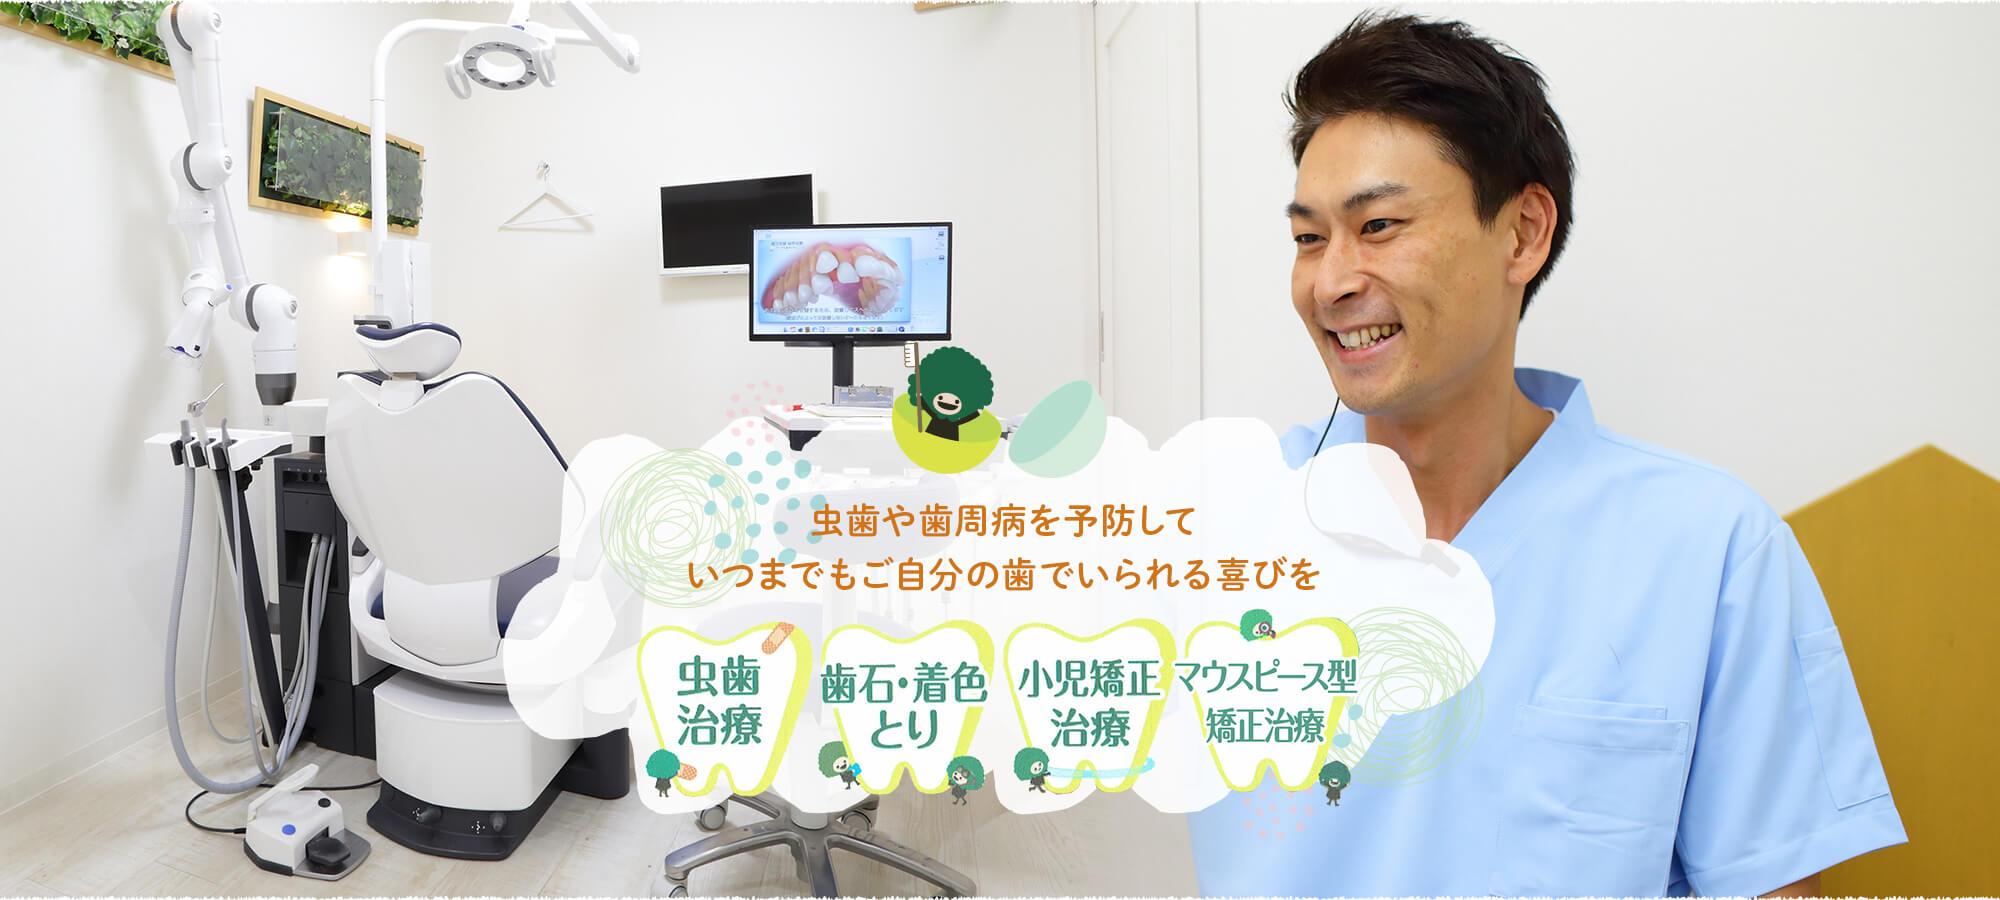 虫歯や歯周病を予防していつまでもご自分の歯でいられる喜びを